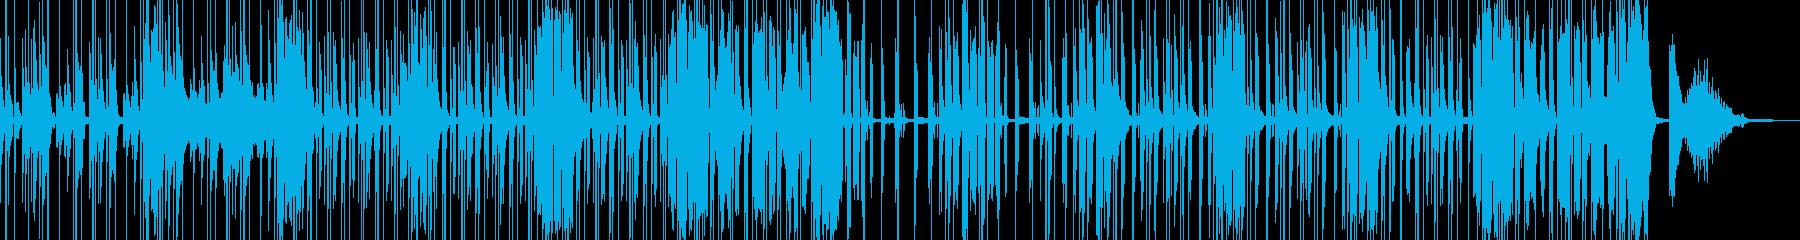 コメディやギャグに適したBGM dの再生済みの波形